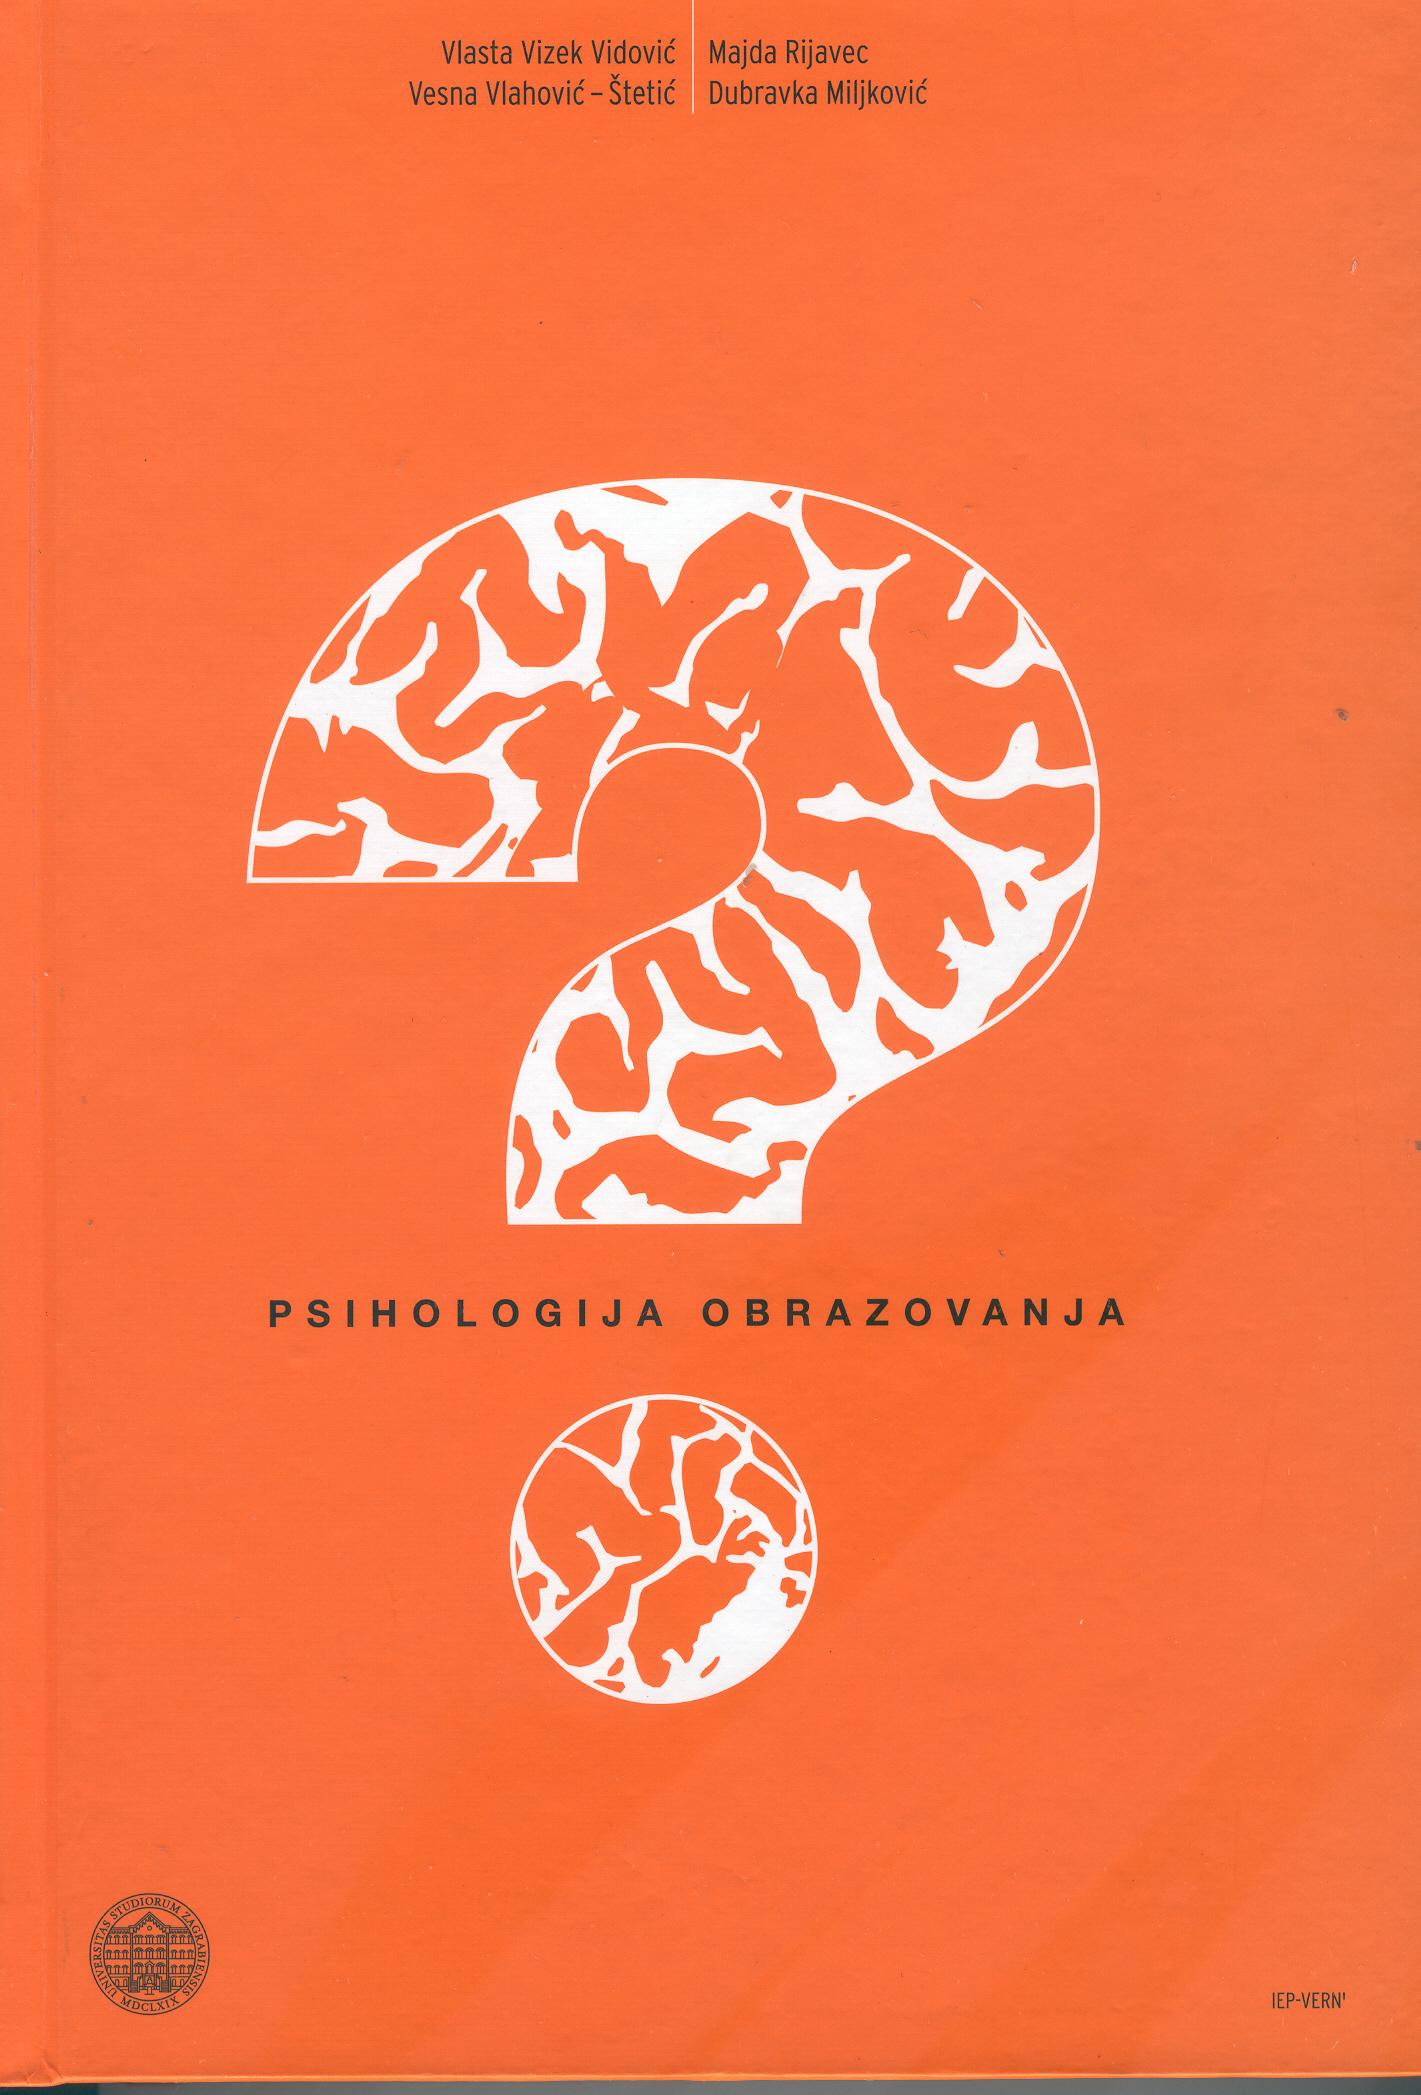 PSIHOLOGIJA OBRAZOVANJA - Naruči svoju knjigu